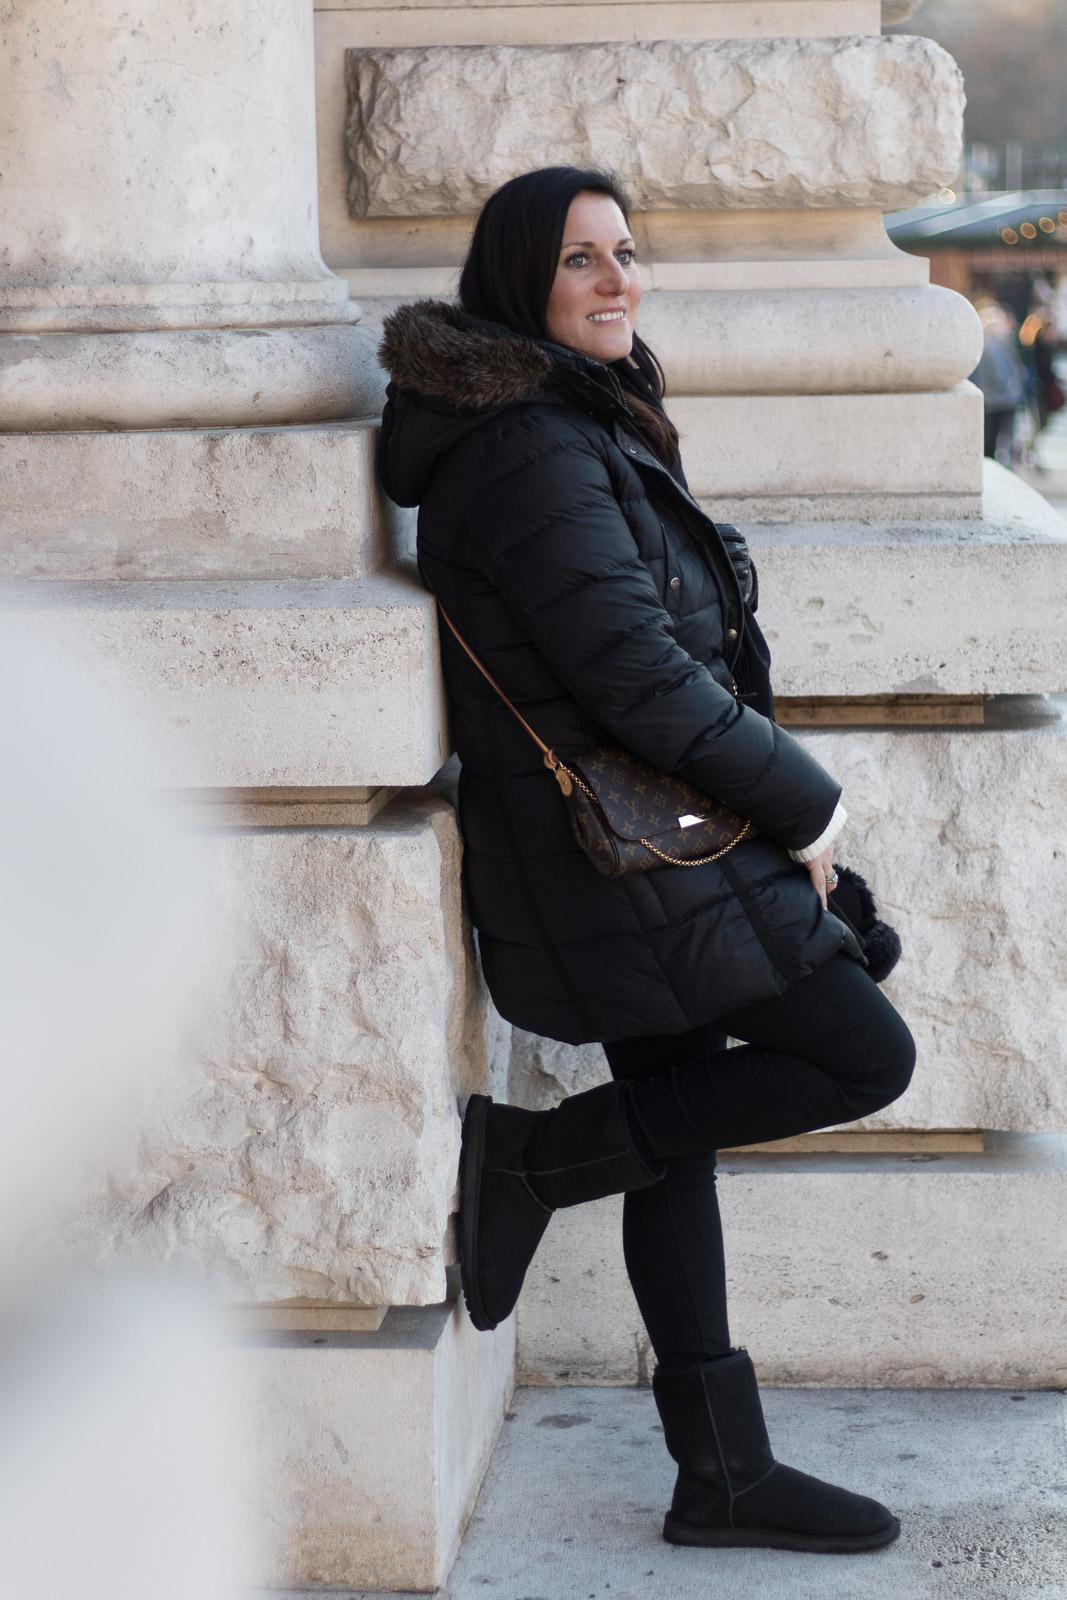 LIFESTYLE Fashionfotos mit der spiegellosen Systemkamera Canon EOS M6, Miss Classy, Lifestyle Blog Graz, classy, Canon Austria, Canon, Liveforthestory, Live for the Story, Christkindlmarkt, Weihnachtsmarkt, Wien, Rathausplatz, Canon EOS M6, Spiegellose Systemkameras von Canon, Wiener Fotoschule, EF 50mm f/1.8 STM, Adapter für EF Objektive EF-EOS M, Fashionfotografie, Fashionmodel, Winterjacke von Marc O'Polo, Lederhandschuhe von Comma, Clutch Favorite von Louis Vuitton, UGG